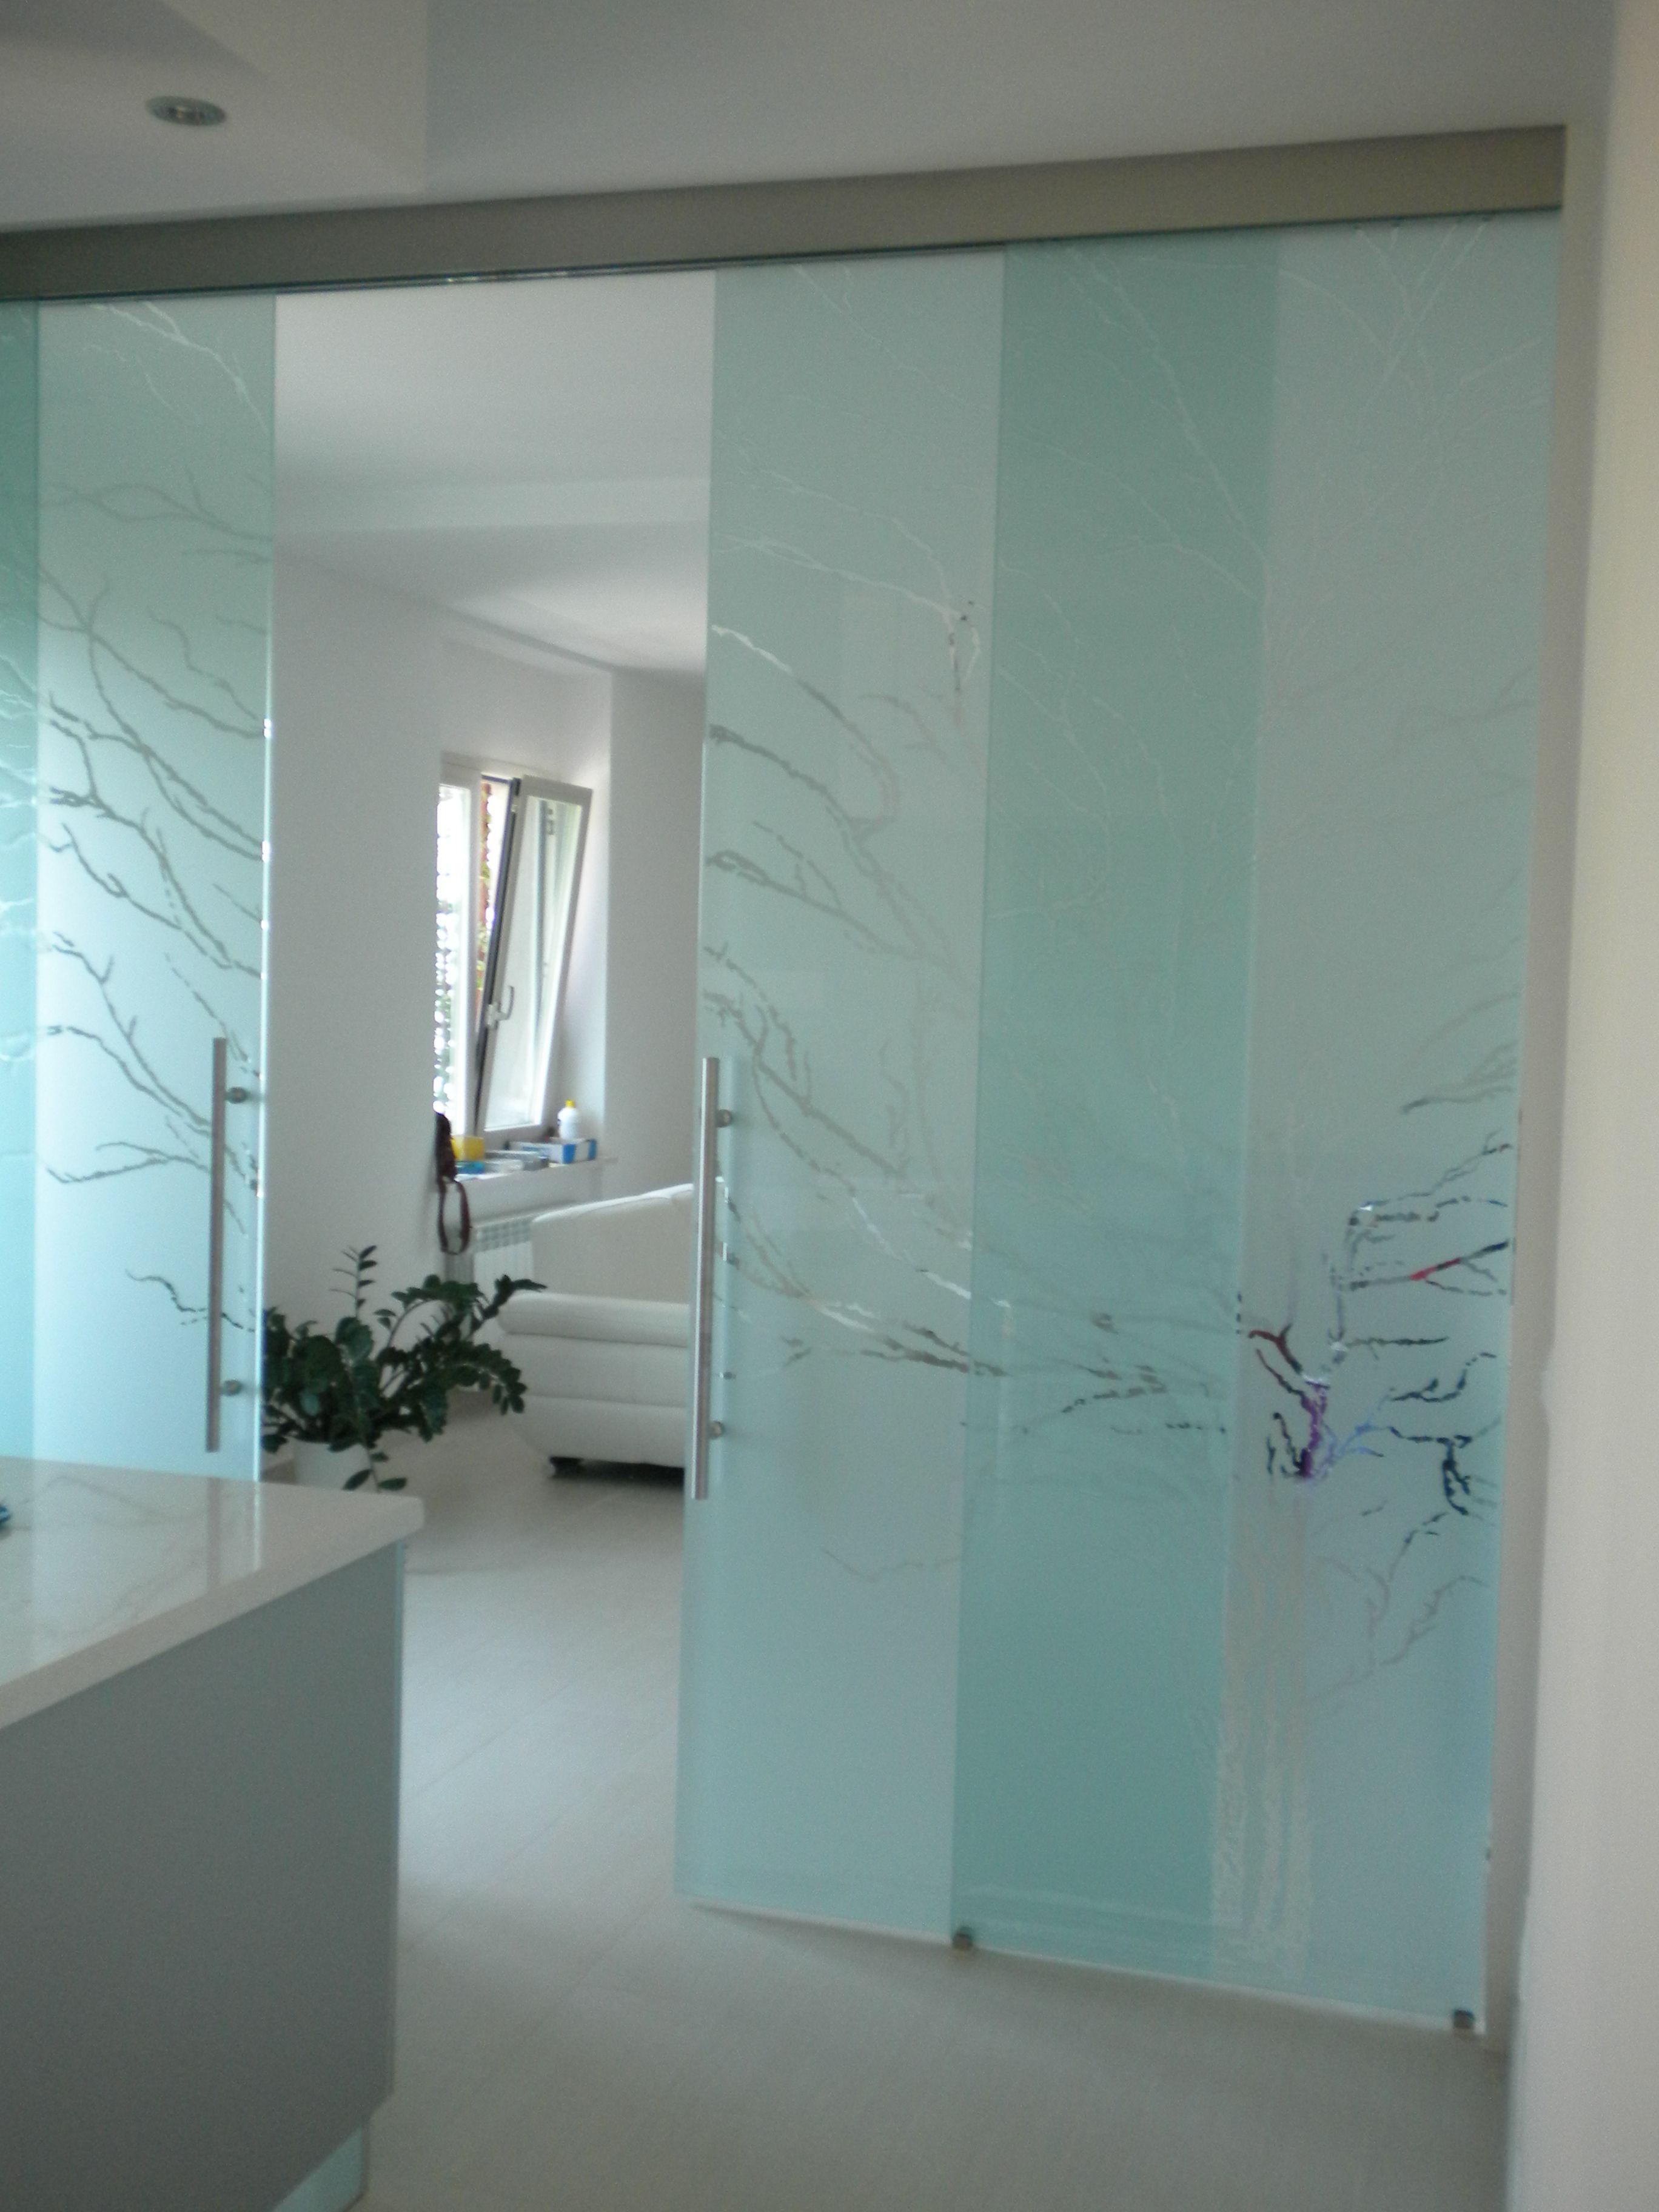 Casali porte in vetro sabbiate e incise modello albero casaliav slidingdoor glassdoor - Casali porte prezzi ...